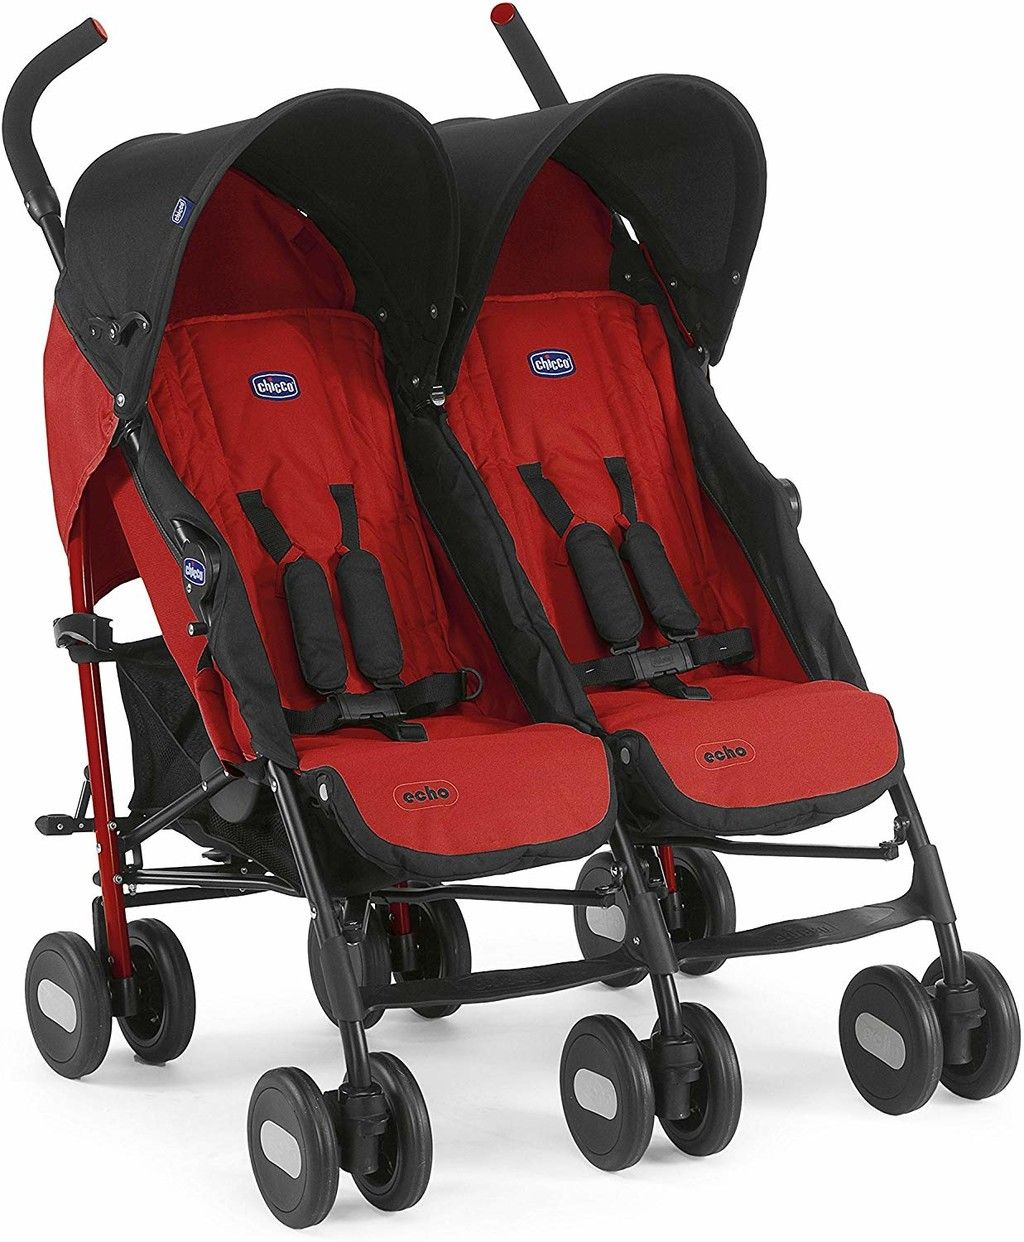 Gran Oferta De Amazon En La Silla De Paseo Gemelar Chicco Echo Twin En Color Rojo Está Rebajada A 125 Euros Con Envío Gratis Carritos De Bebé Carriolas Bebe